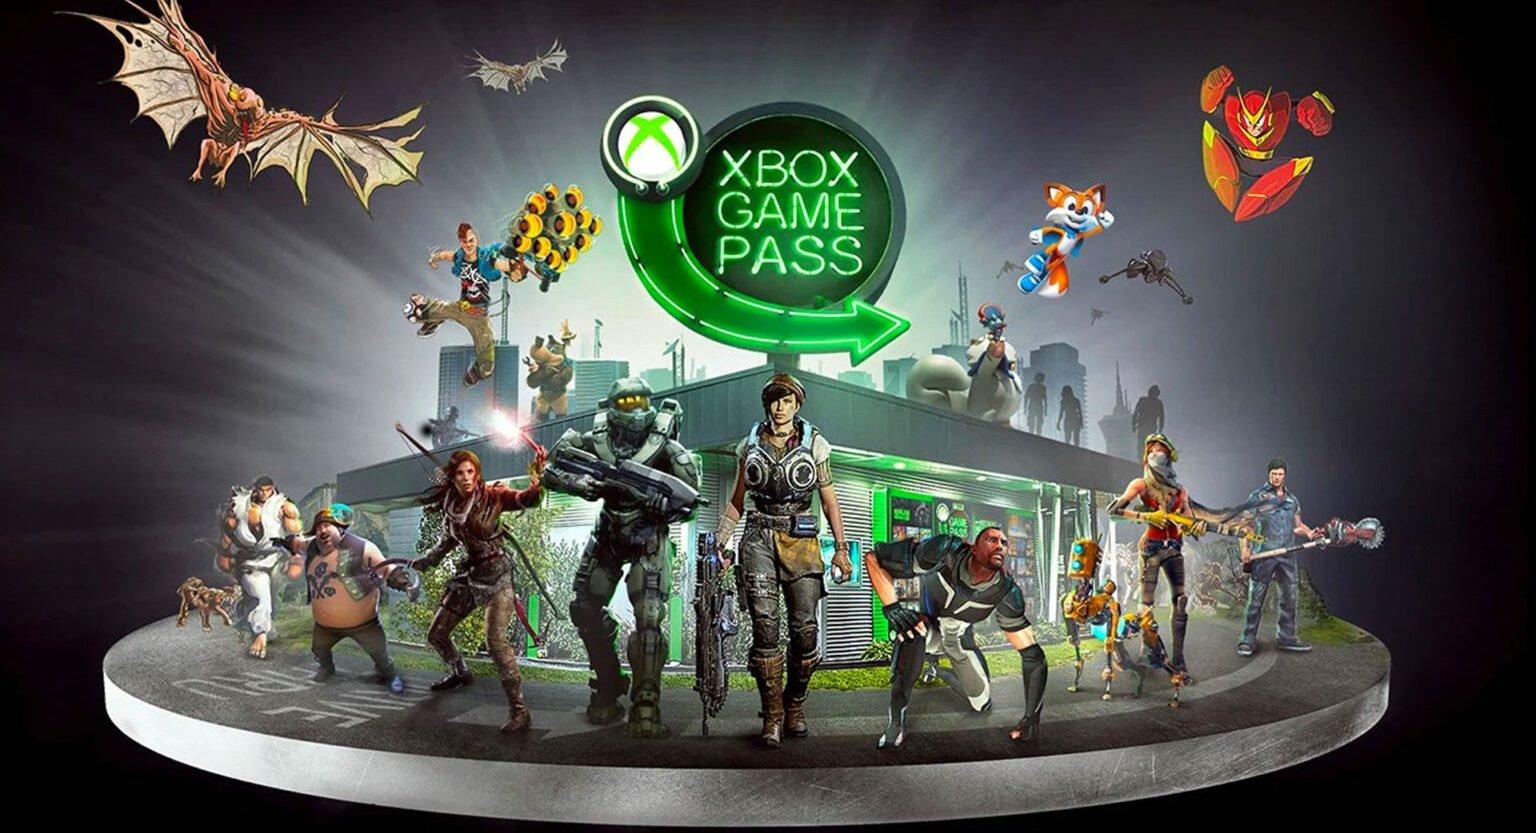 O Xbox Game Pass provoca o retorno de um jogo favorito dos fãs que foi anteriormente removido do serviço, provavelmente voltando este mês.